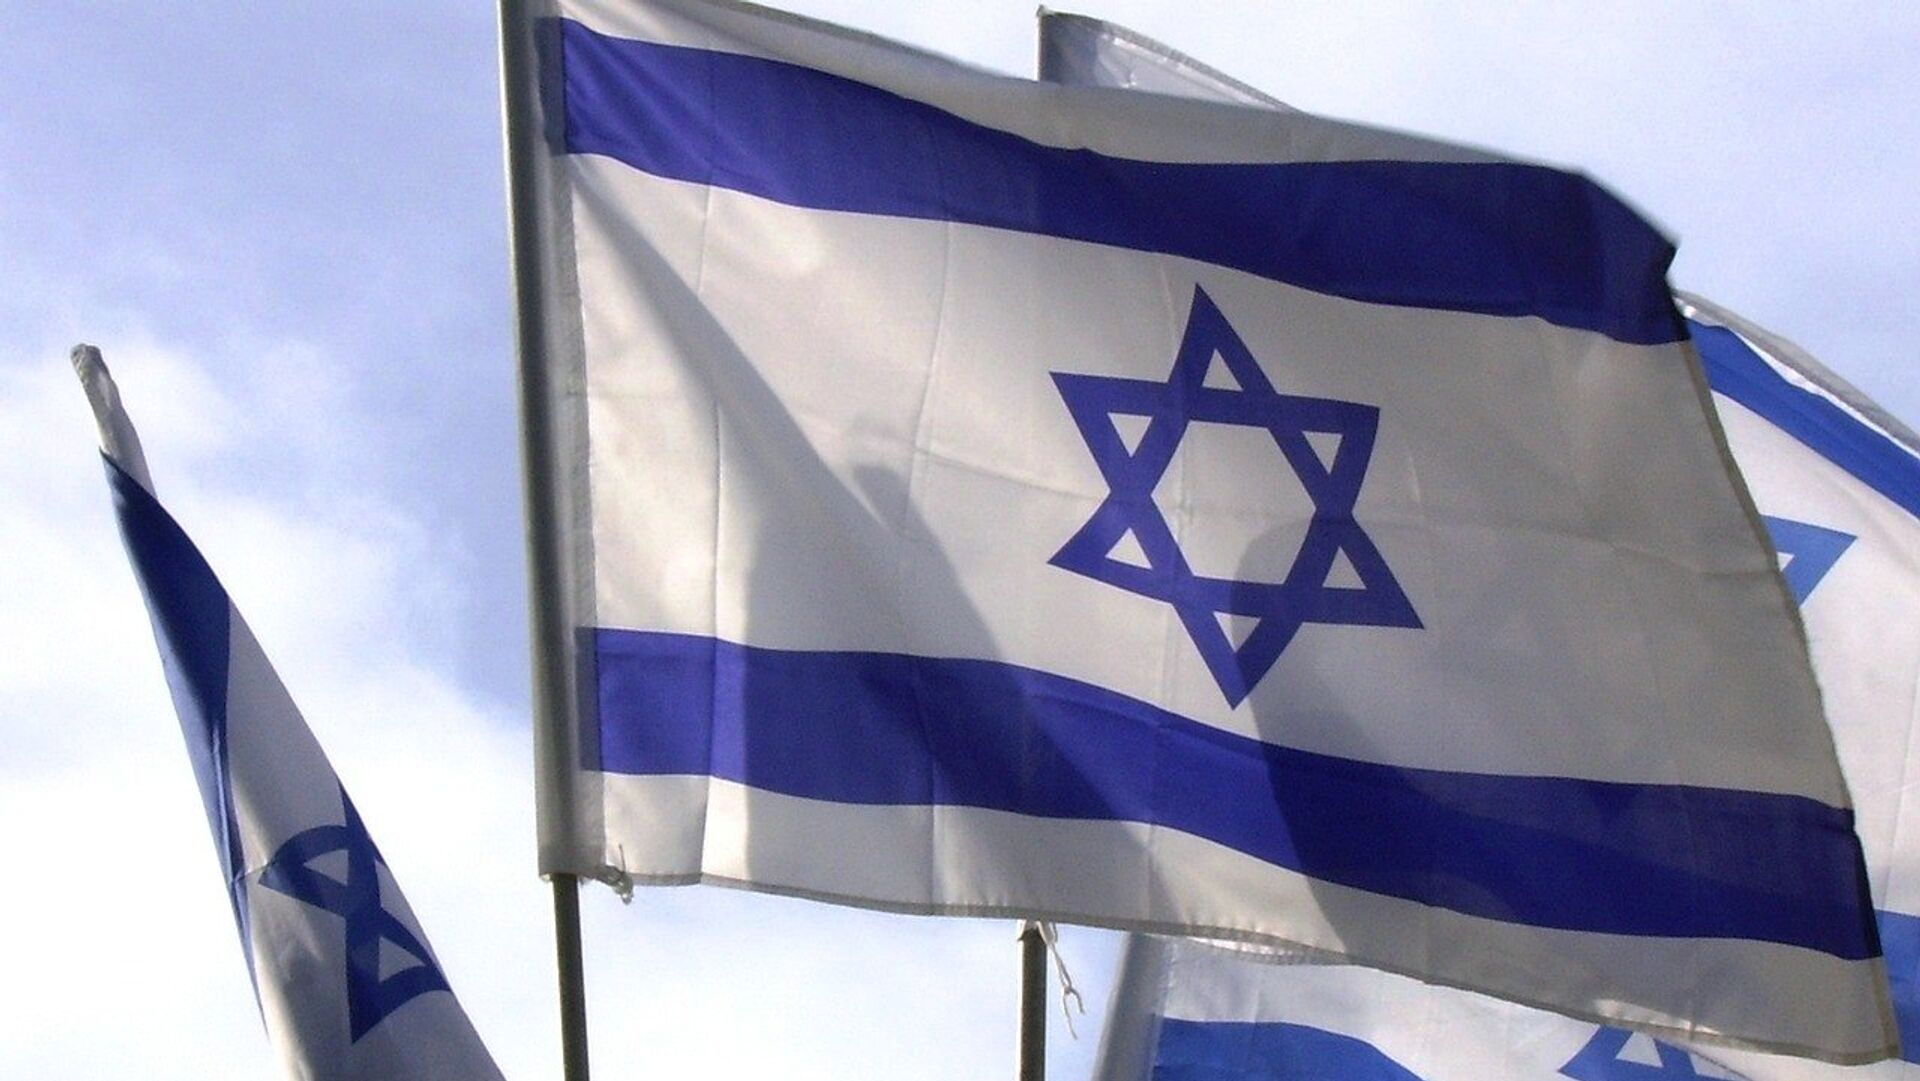 Bandiera Israele - Sputnik Italia, 1920, 30.05.2021